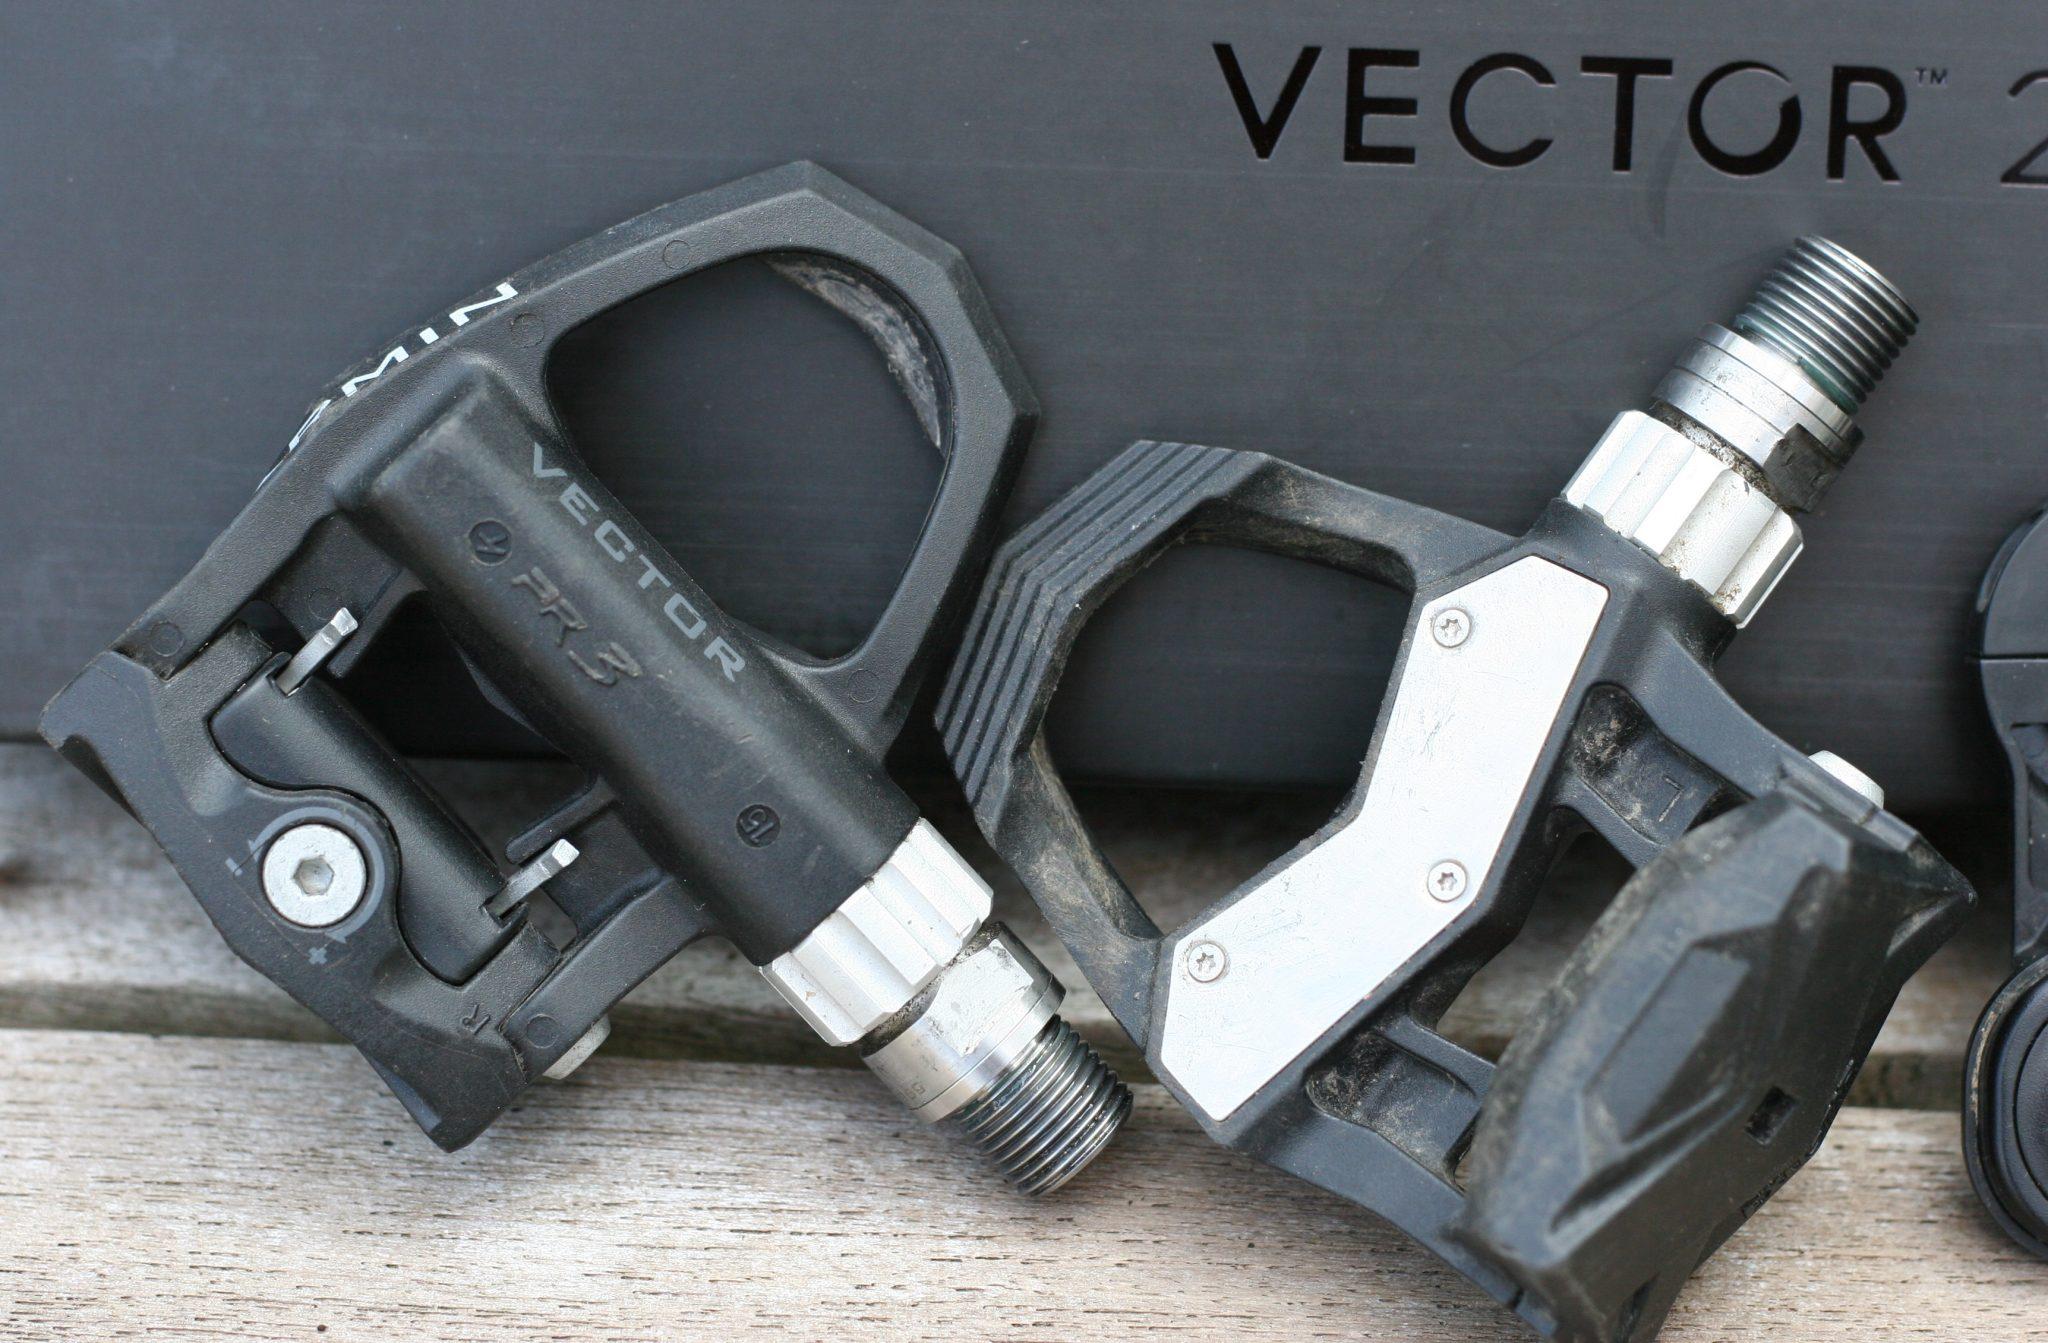 Garmin Vector 2 Keo Pédale Pods-Standard-Unique